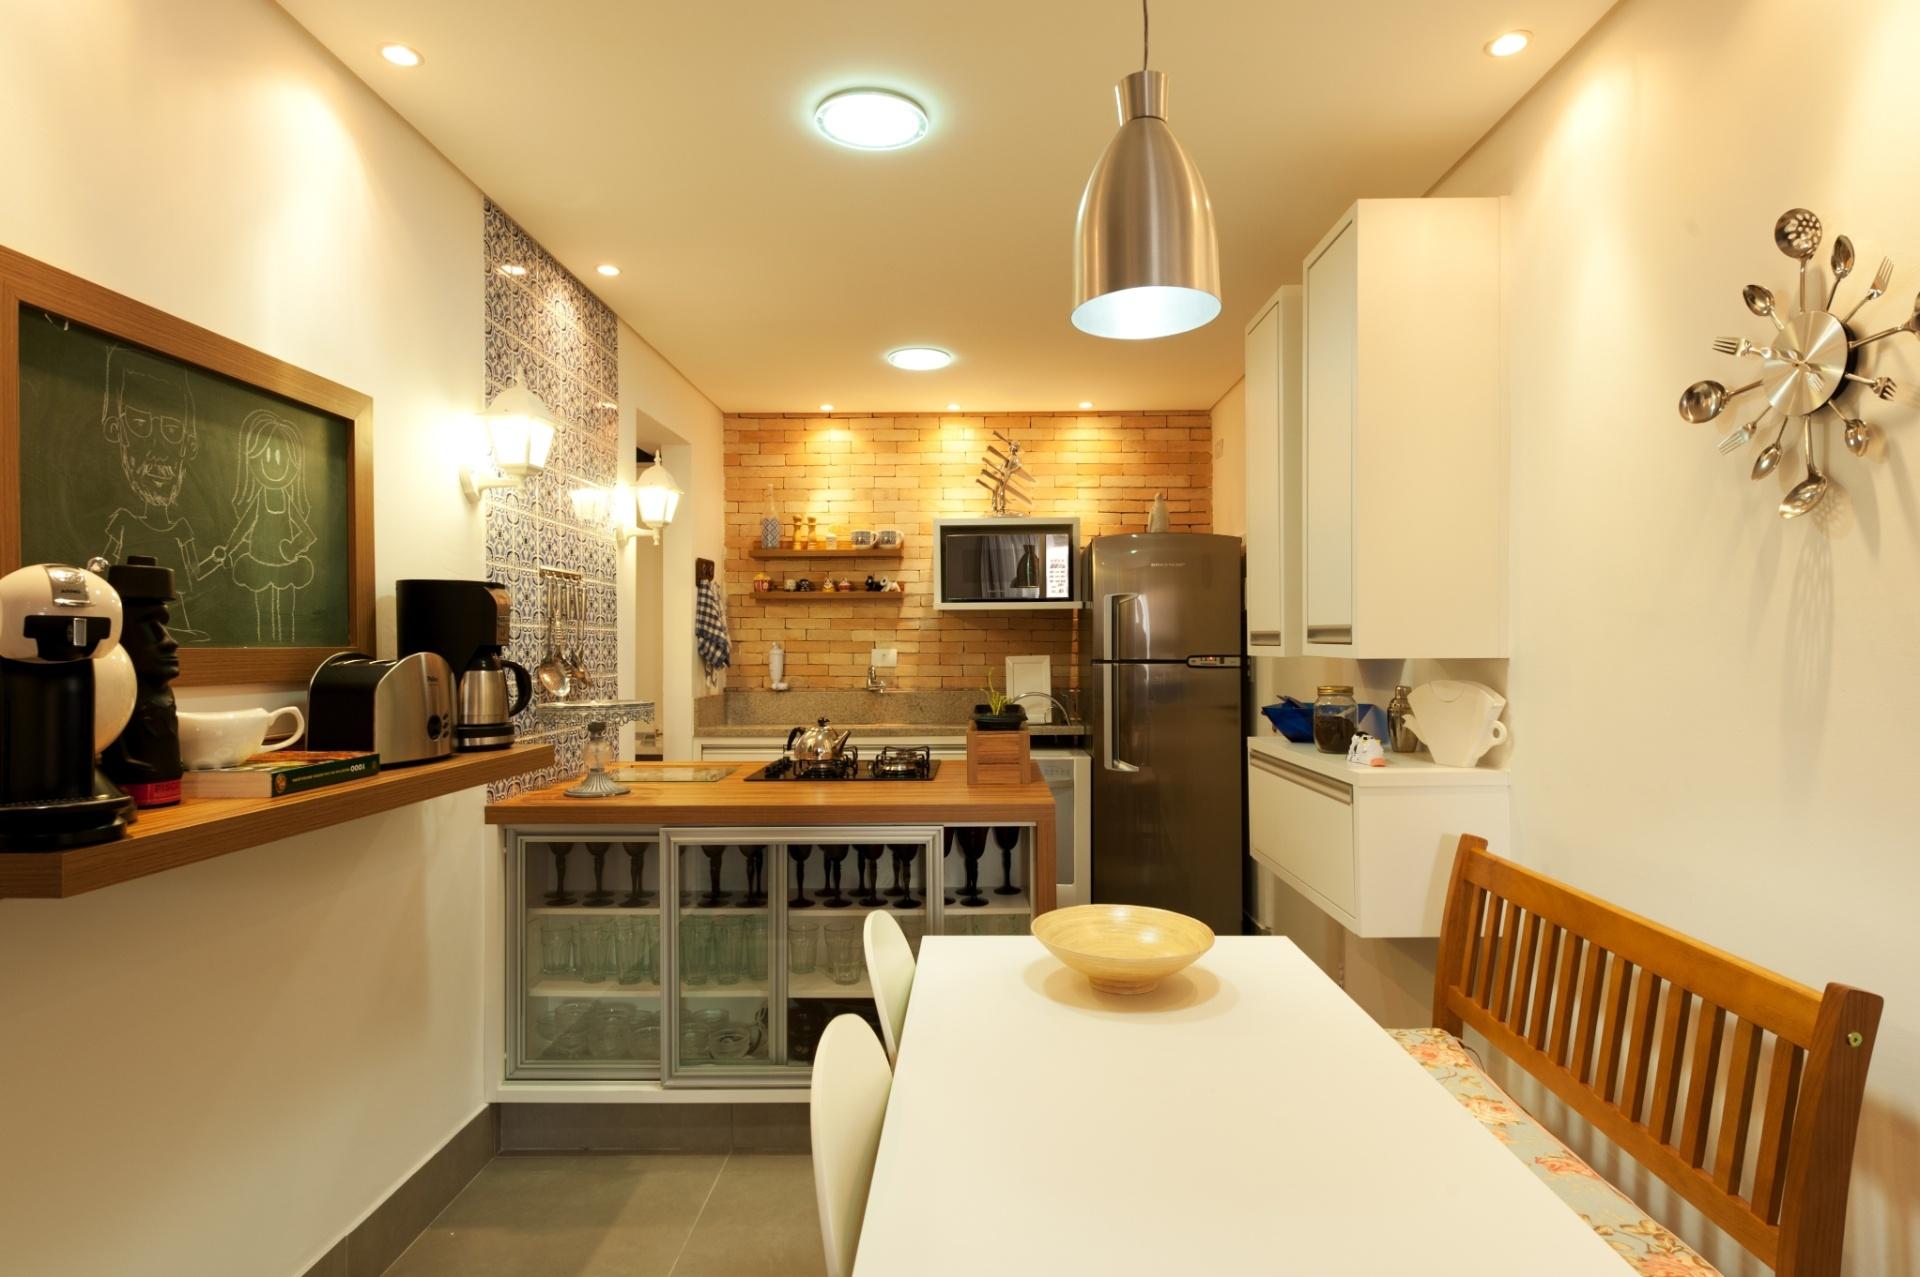 A cozinha dos arquitetos Lucas Sonnewend e Natália Traunmüller preza pela descontração e rusticidade. A parede de tijolinhos contrasta com a modernidade dos eletrodomésticos em inox, enquanto o colorido vem dos azulejos portugueses